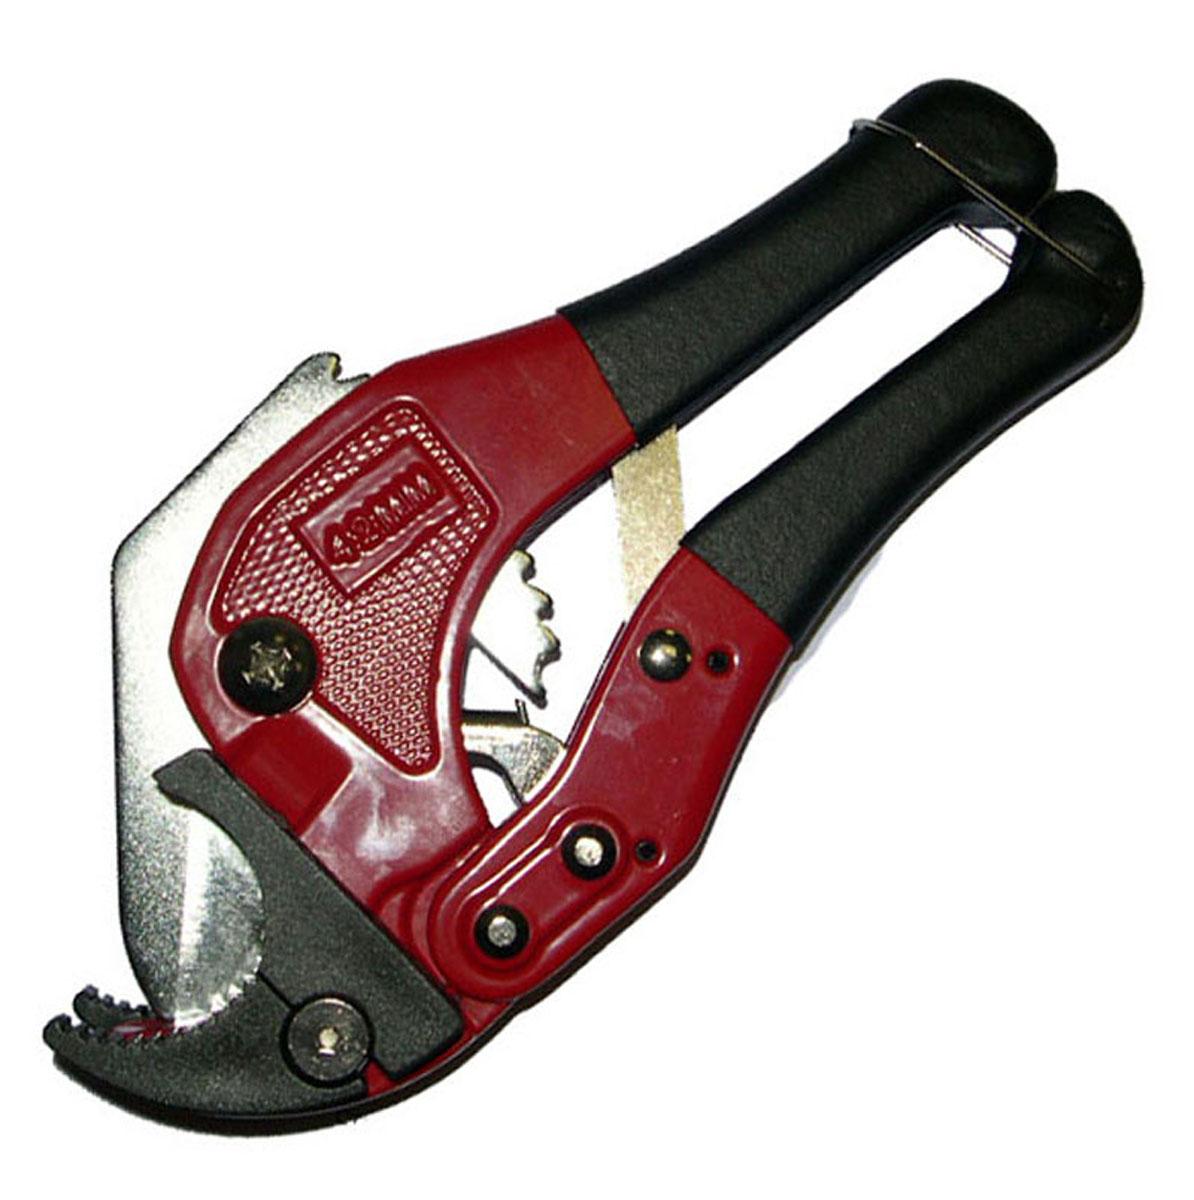 Резак для пластиковых труб Mr.Logo, до 44 мм deli 8015 стальной резак резак резак резак 250 мм 250 мм